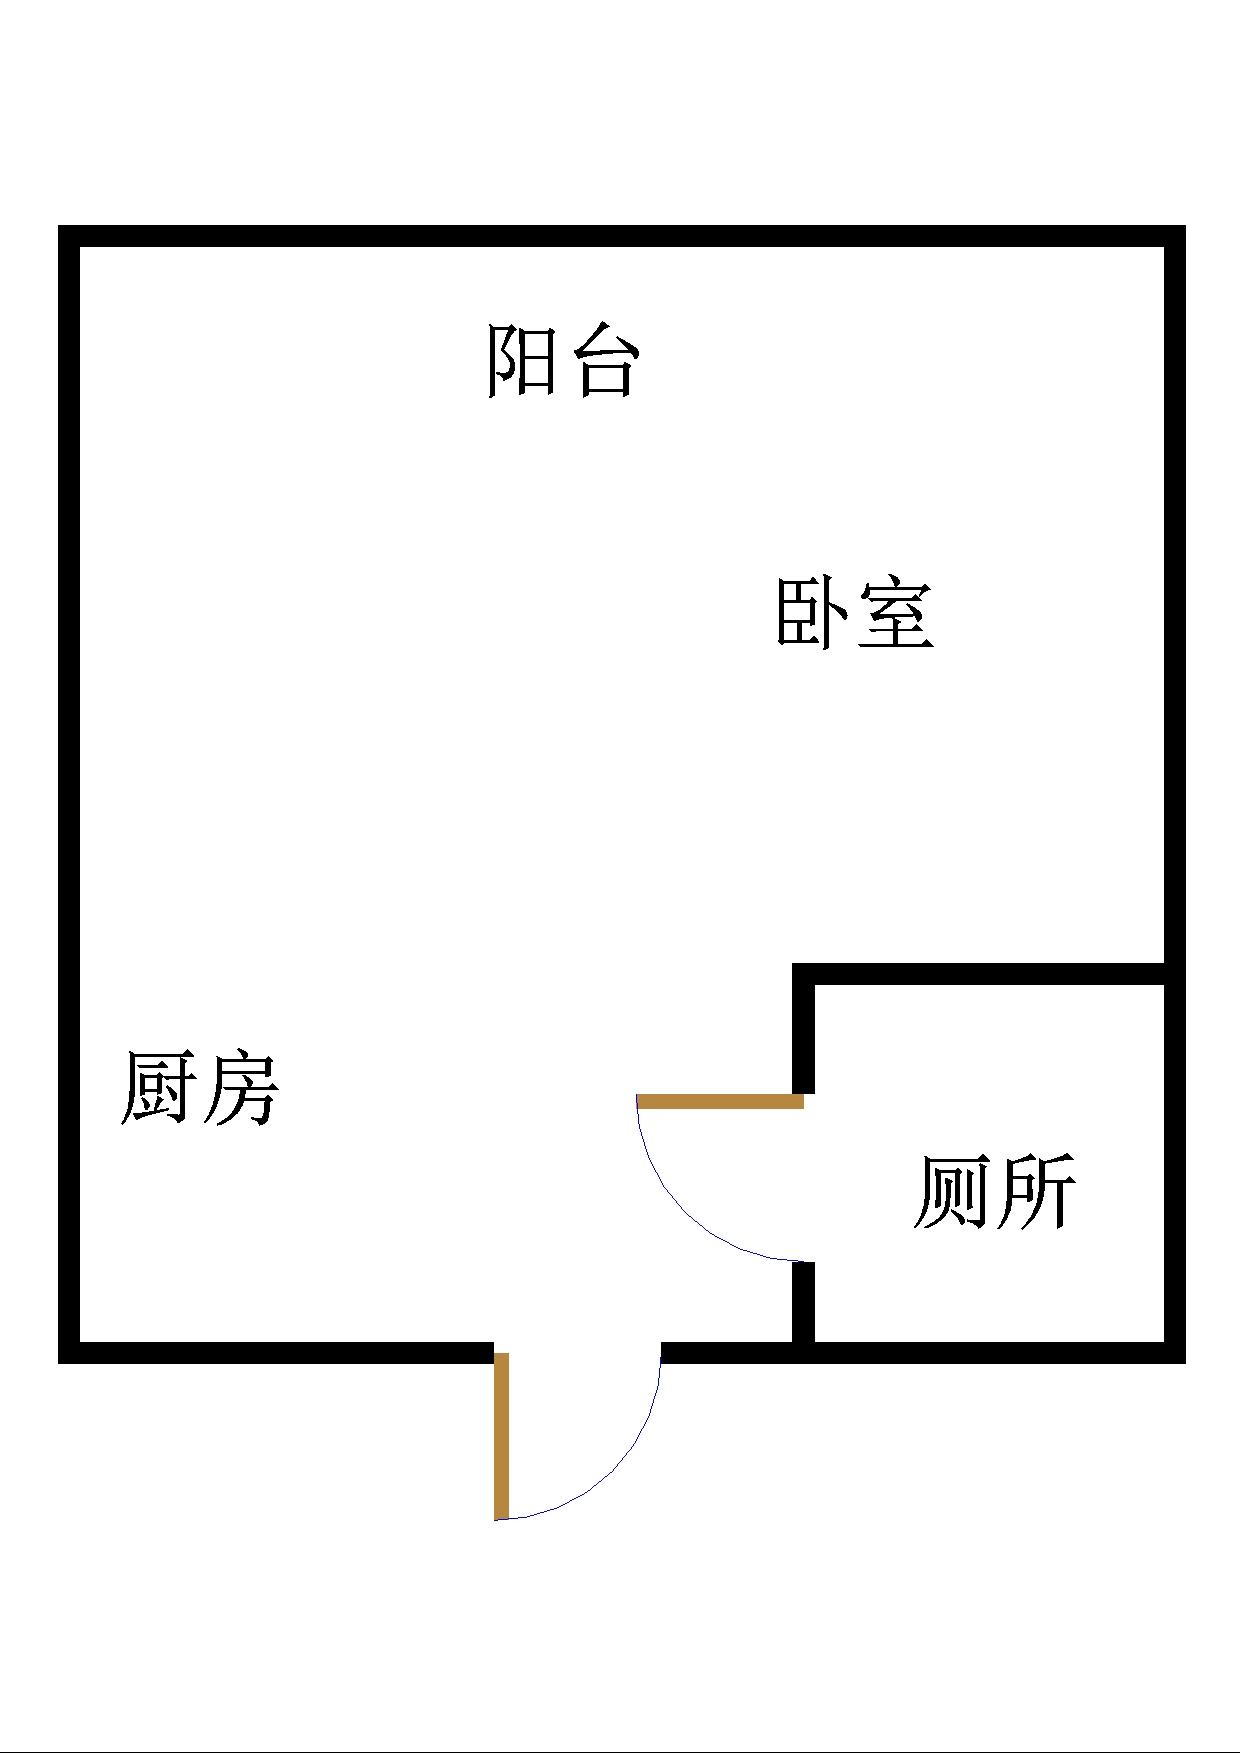 万达广场公寓 1室1厅 8楼